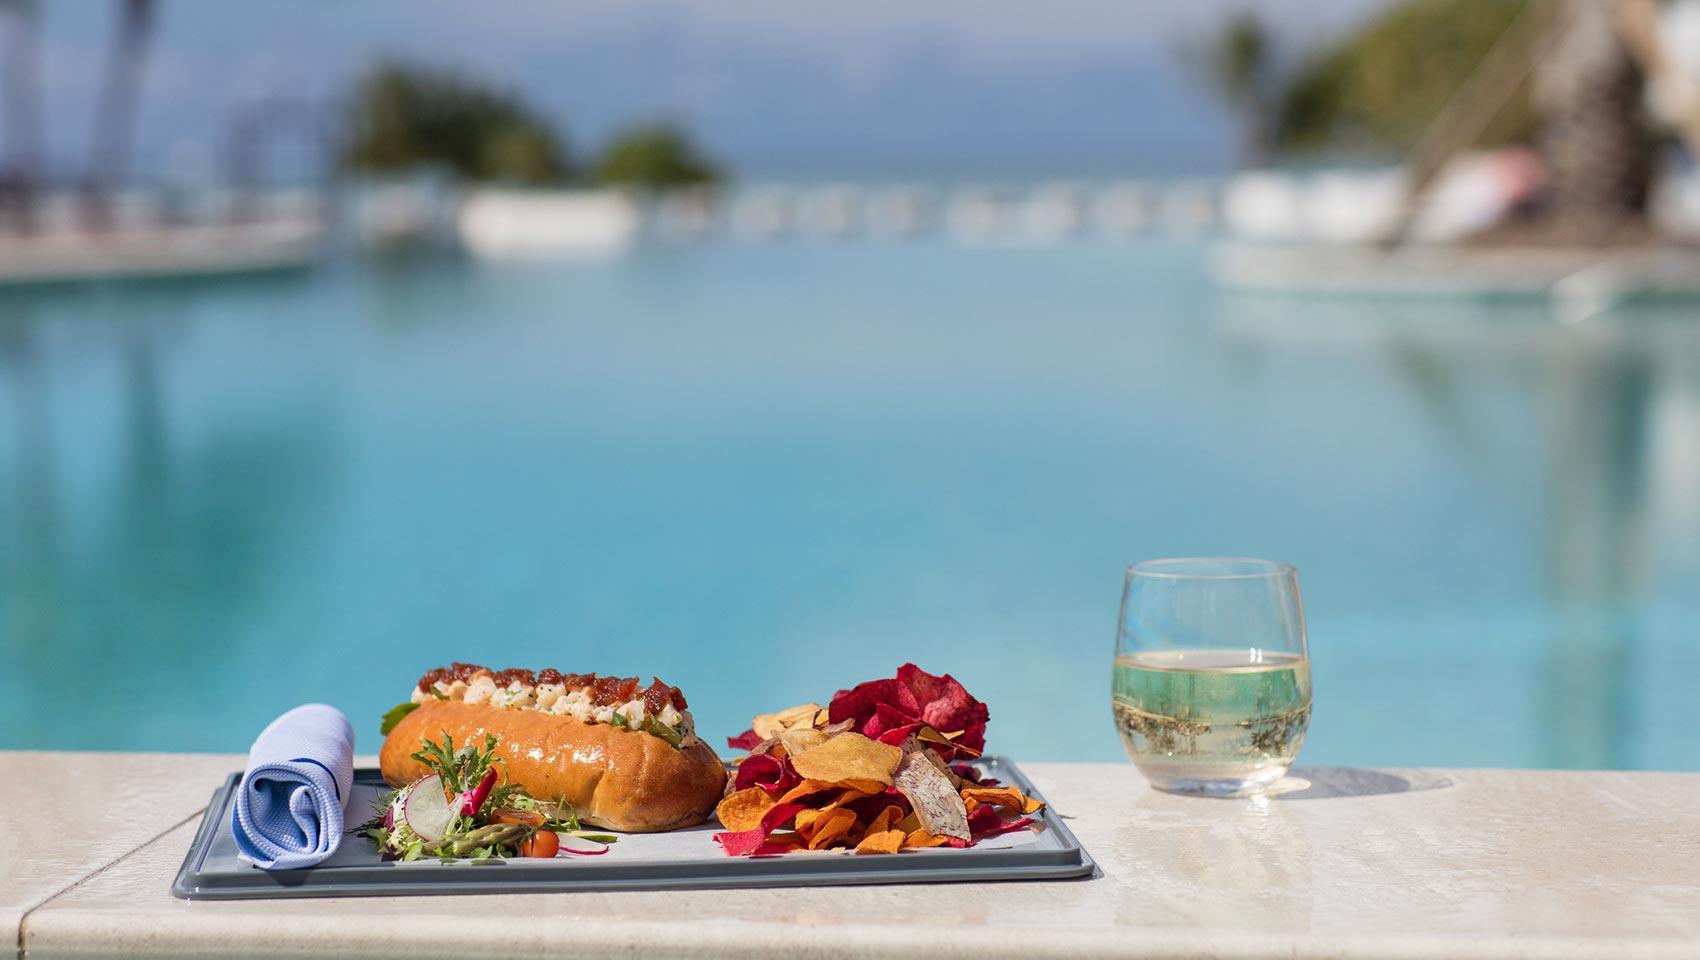 Grand Cayman Pool Bar Kimpton Seafire Resort